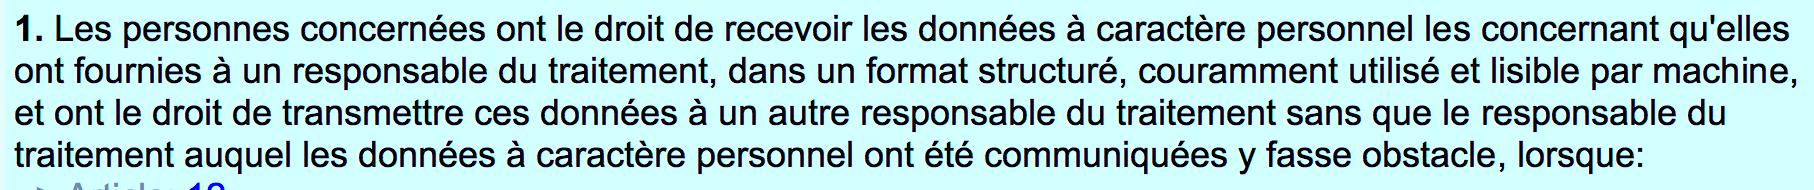 extrait article 20 alt